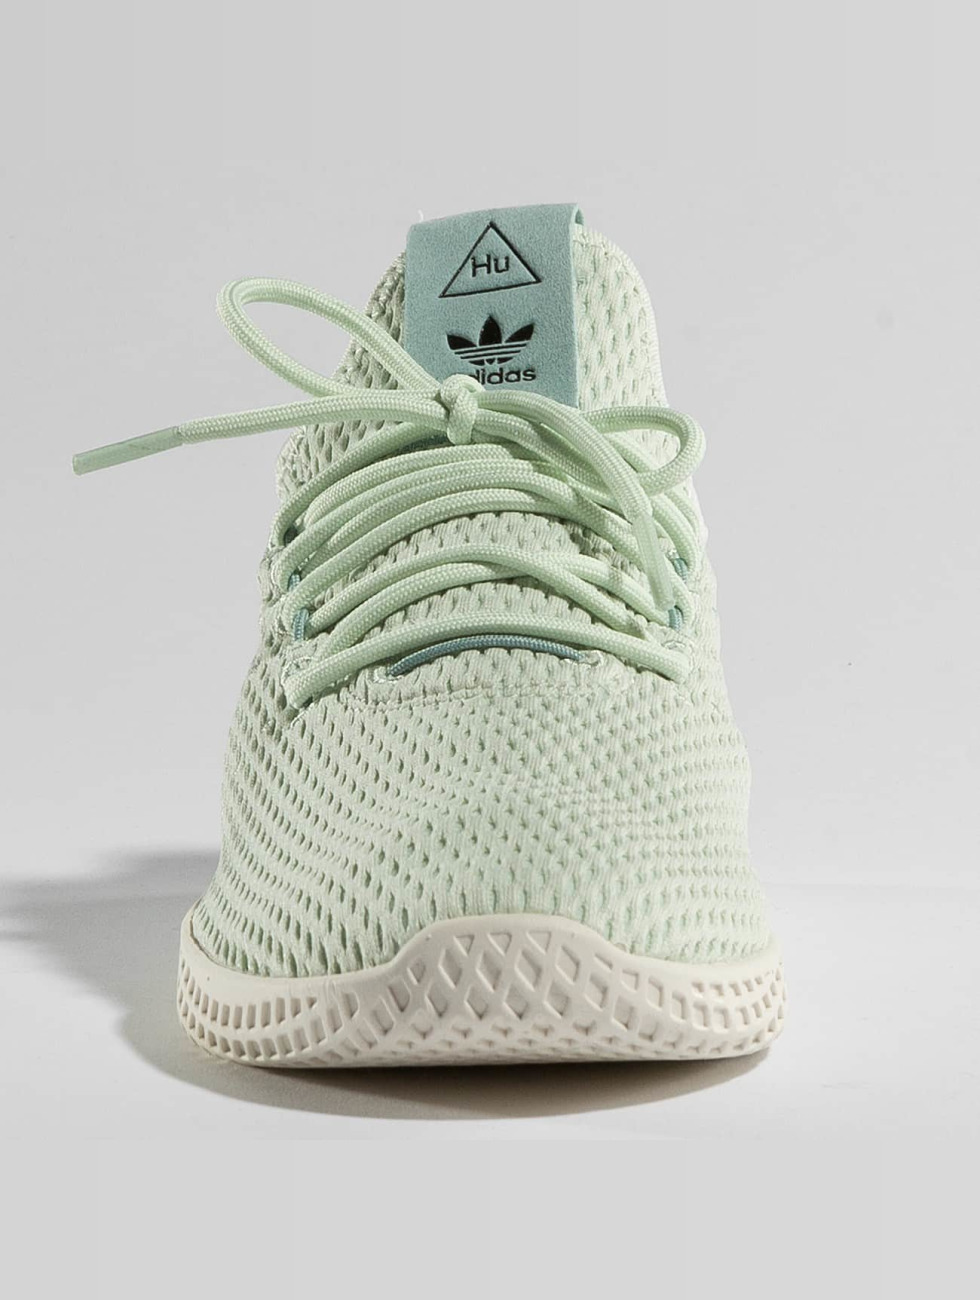 Adidas Originals Sko / Sneaker Pw Tennis Hu I Grønt 370825 Populær Salg På Nettet hY6lZ